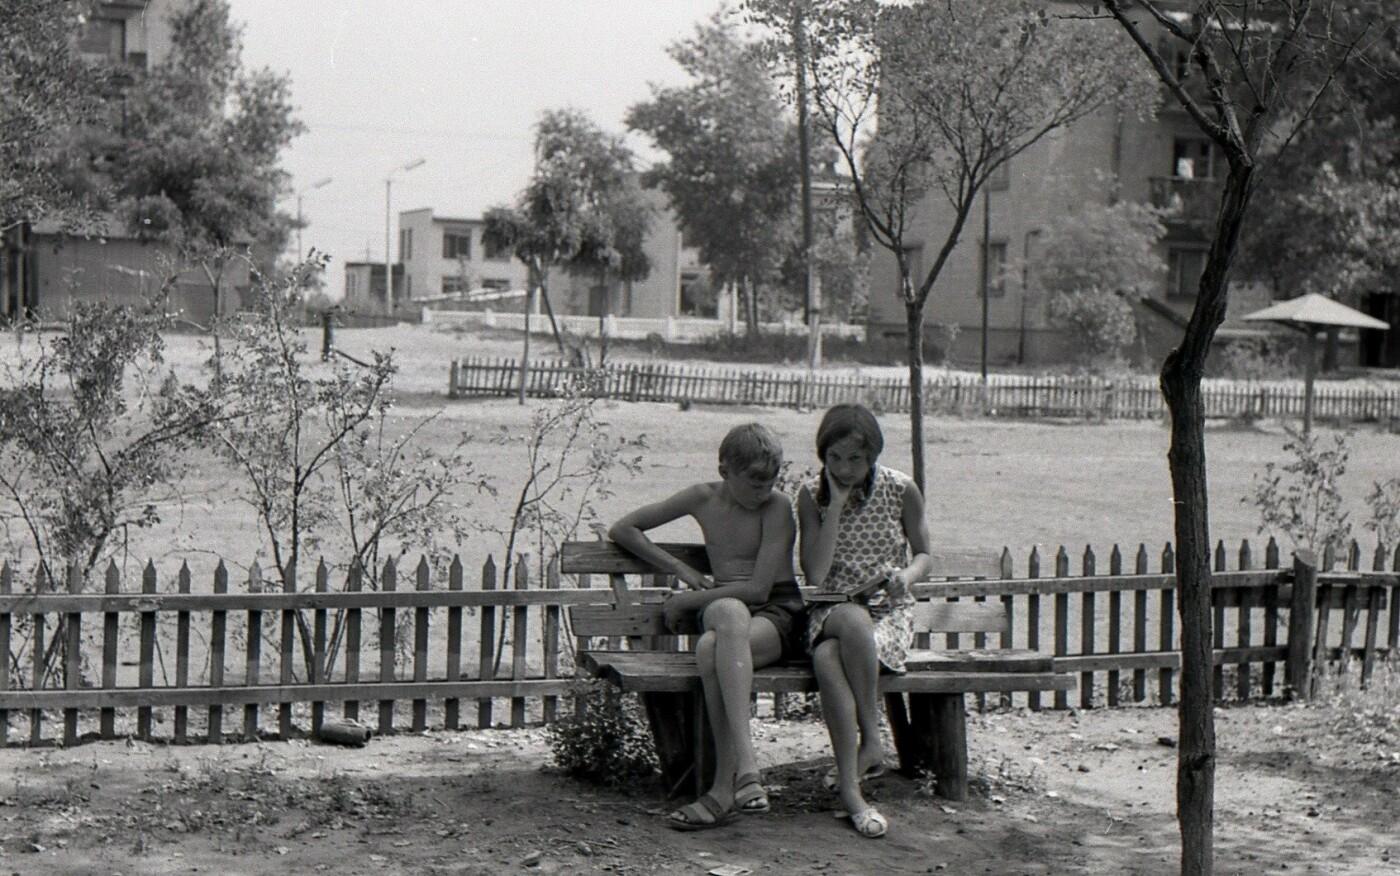 Жилмассив Северный в Днепре: как он выглядел в XX веке и сейчас, - ФОТО, фото-13